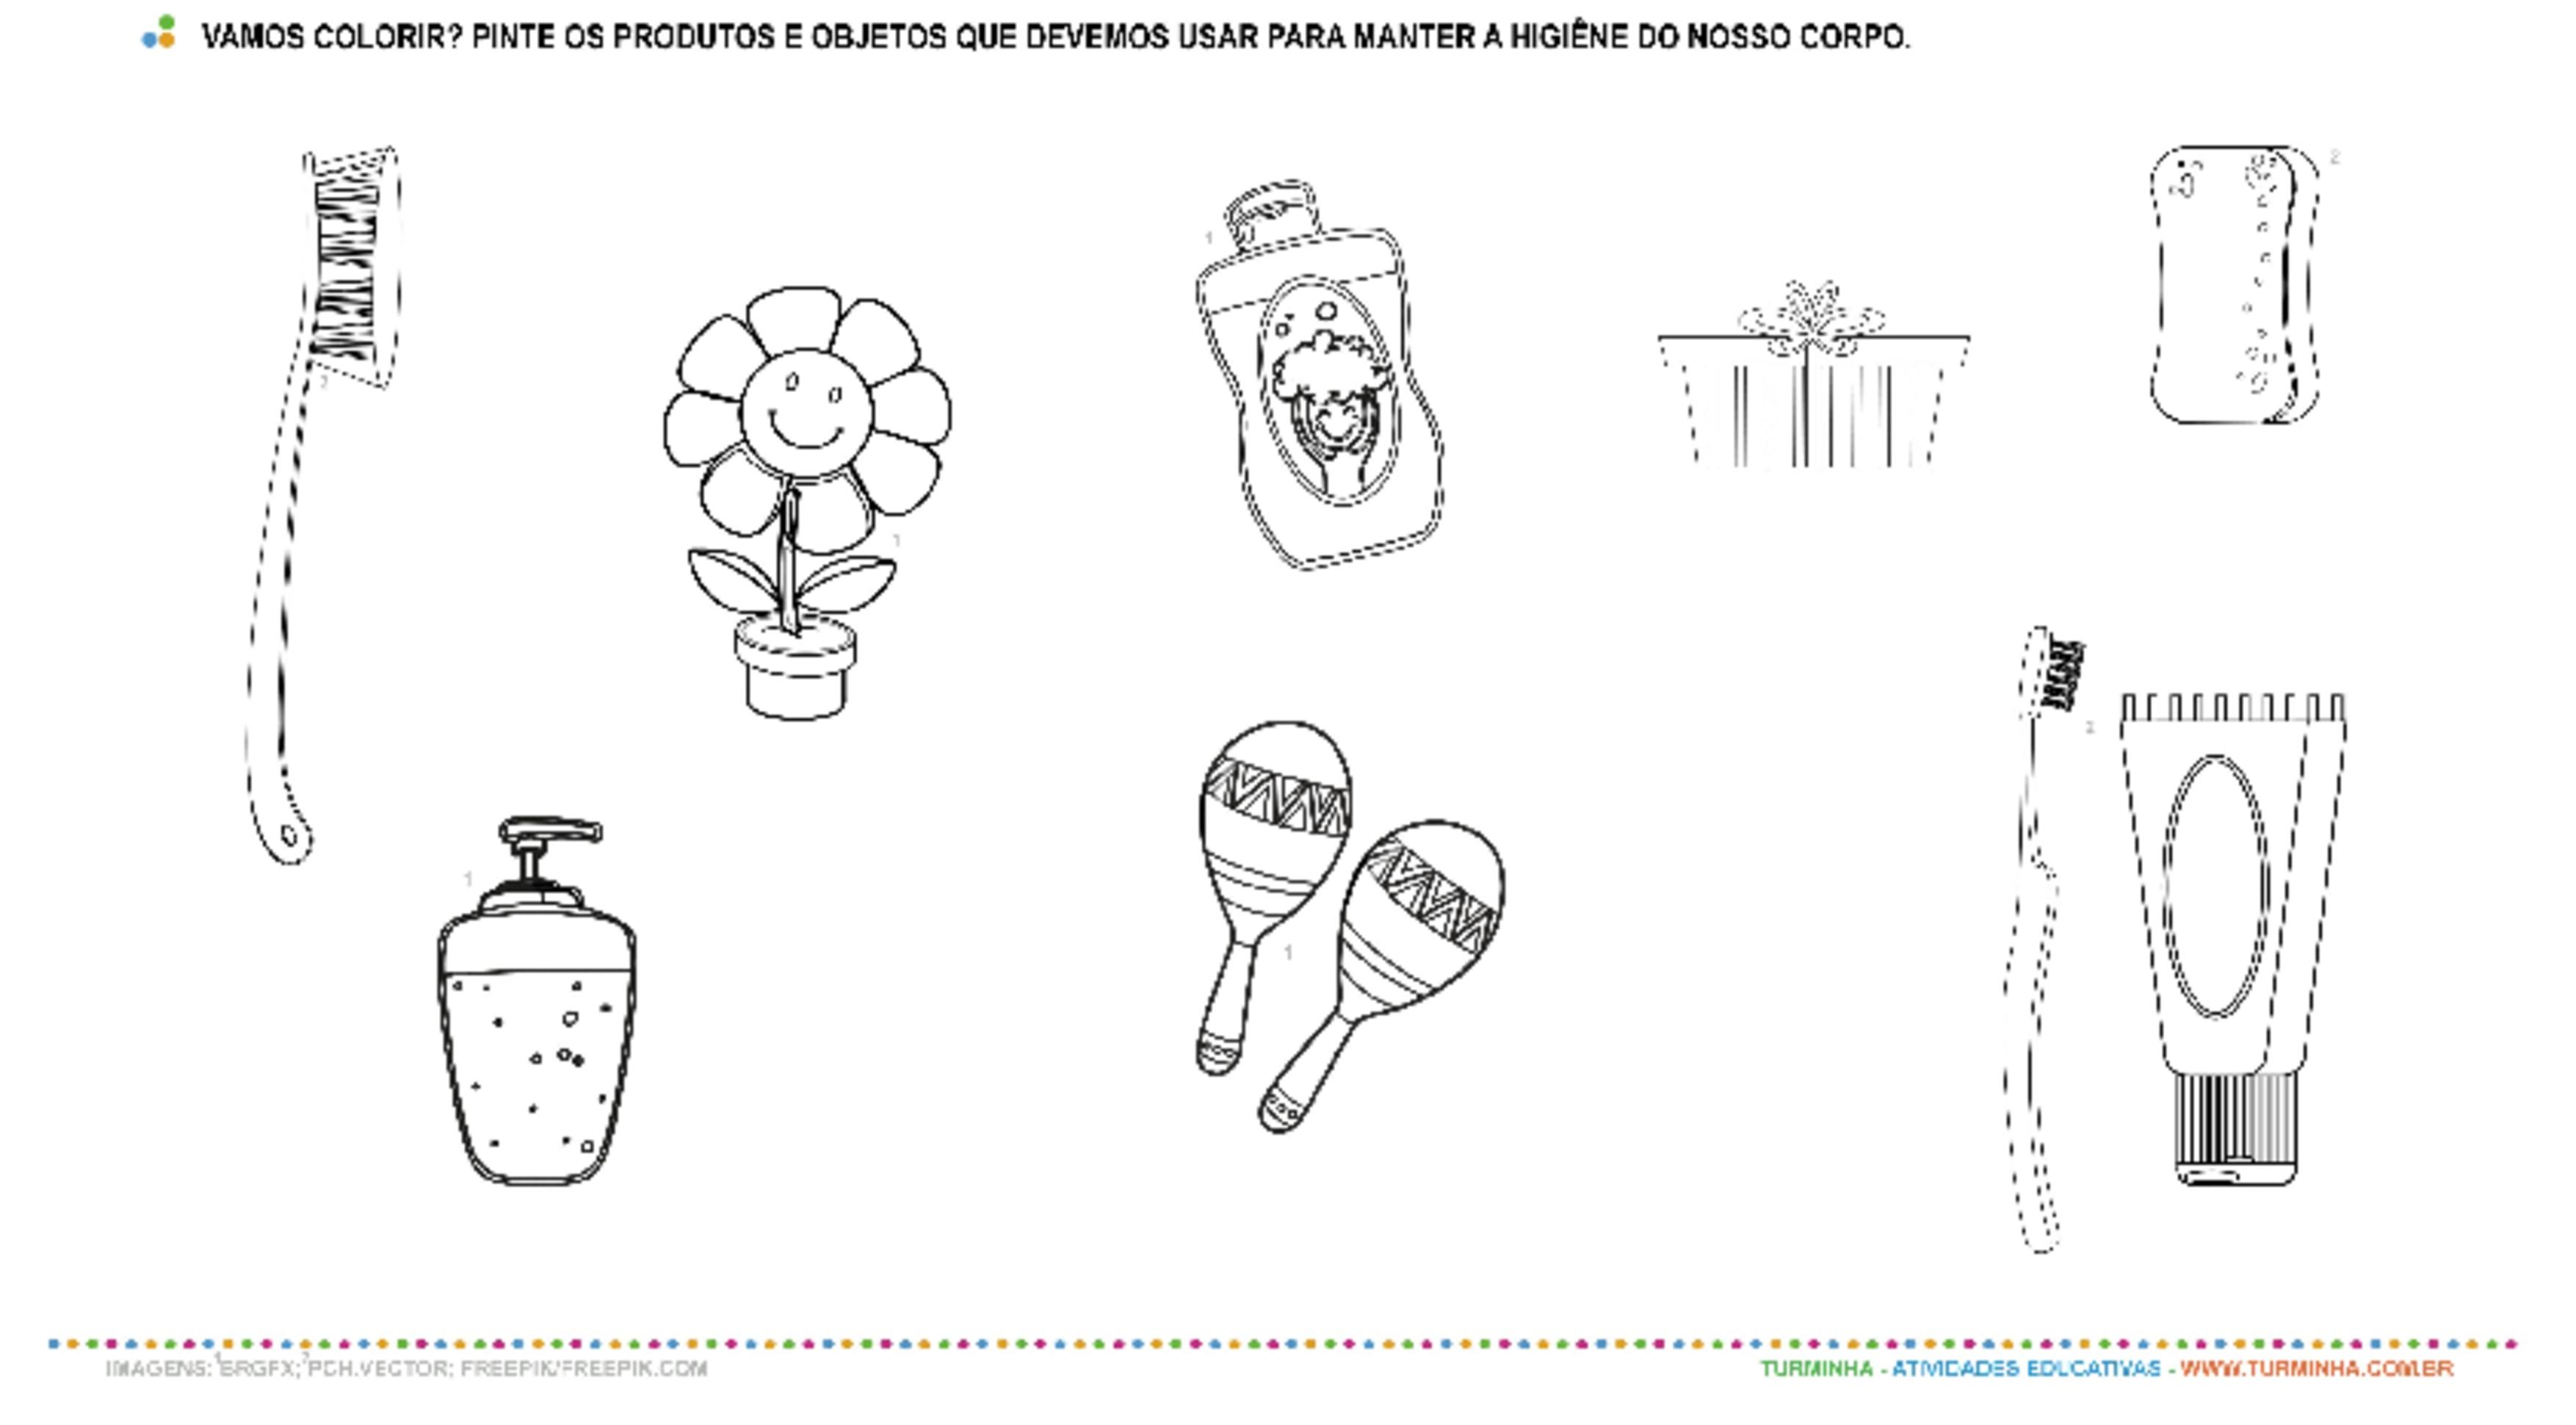 Higiene e Saúde - Pintura - atividade educativa para Pré-Escola (4 e 5 anos)